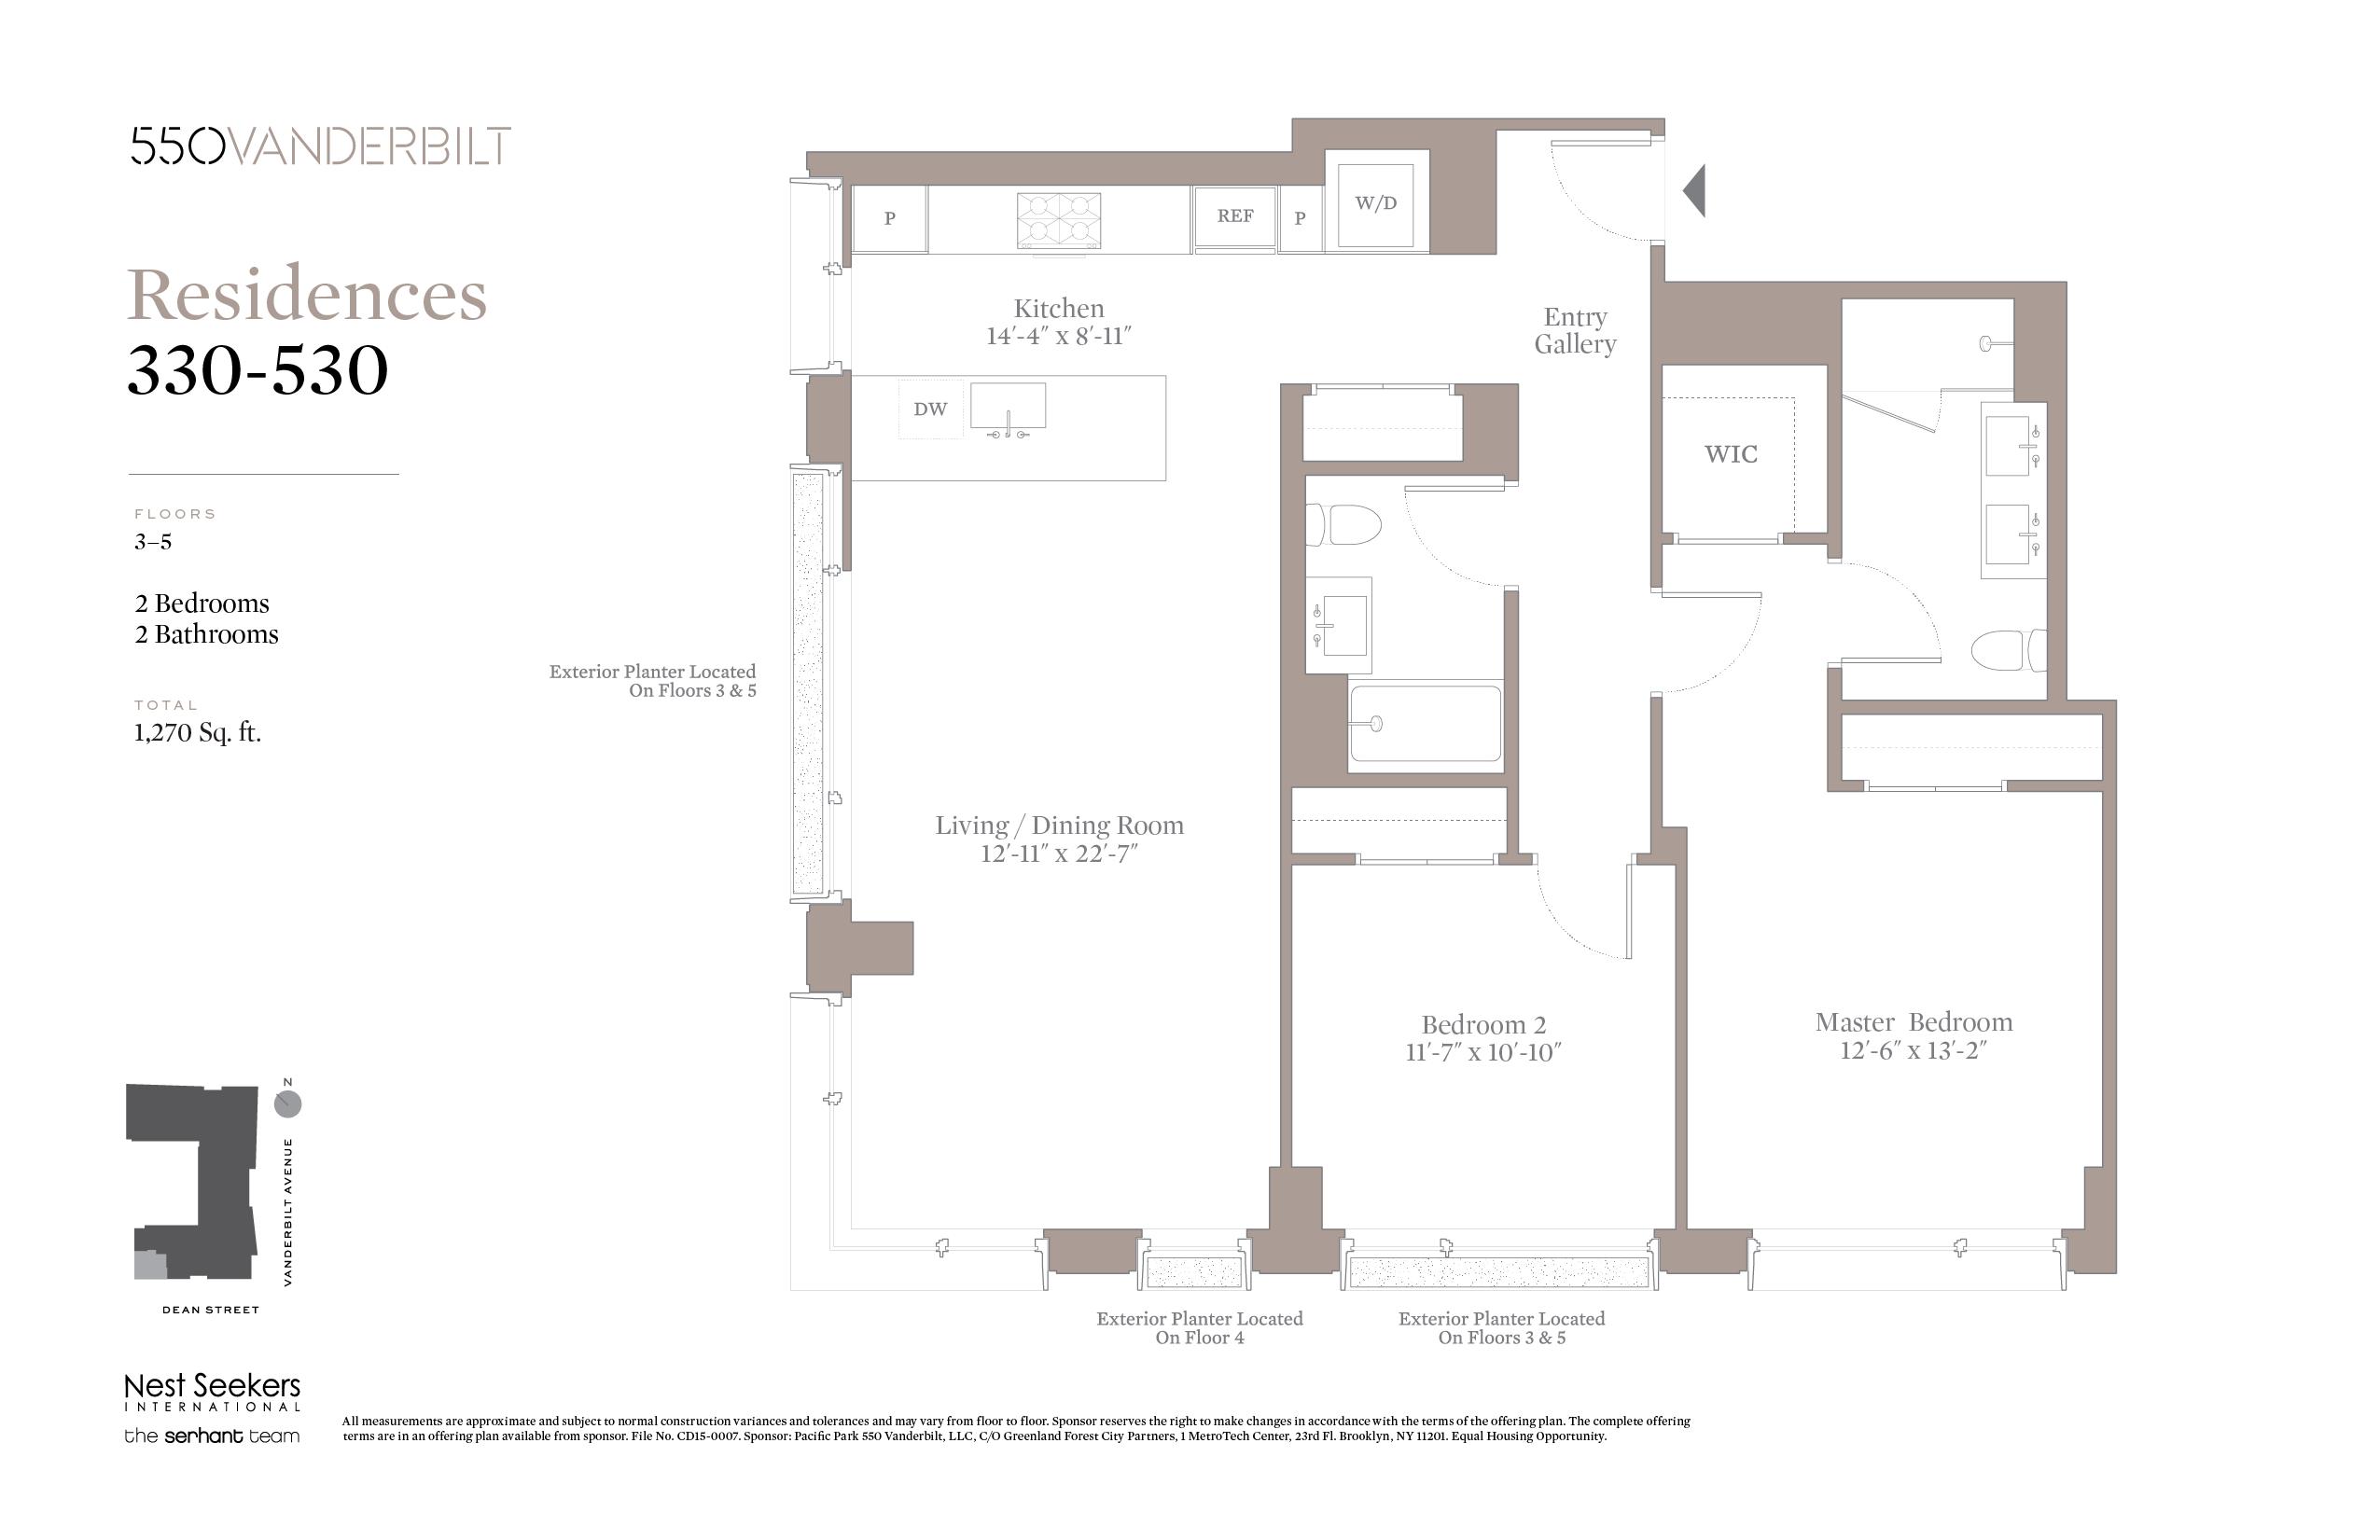 2 Bedrooms, $1,855,000, CC: $1,441 / RET: $48 ...